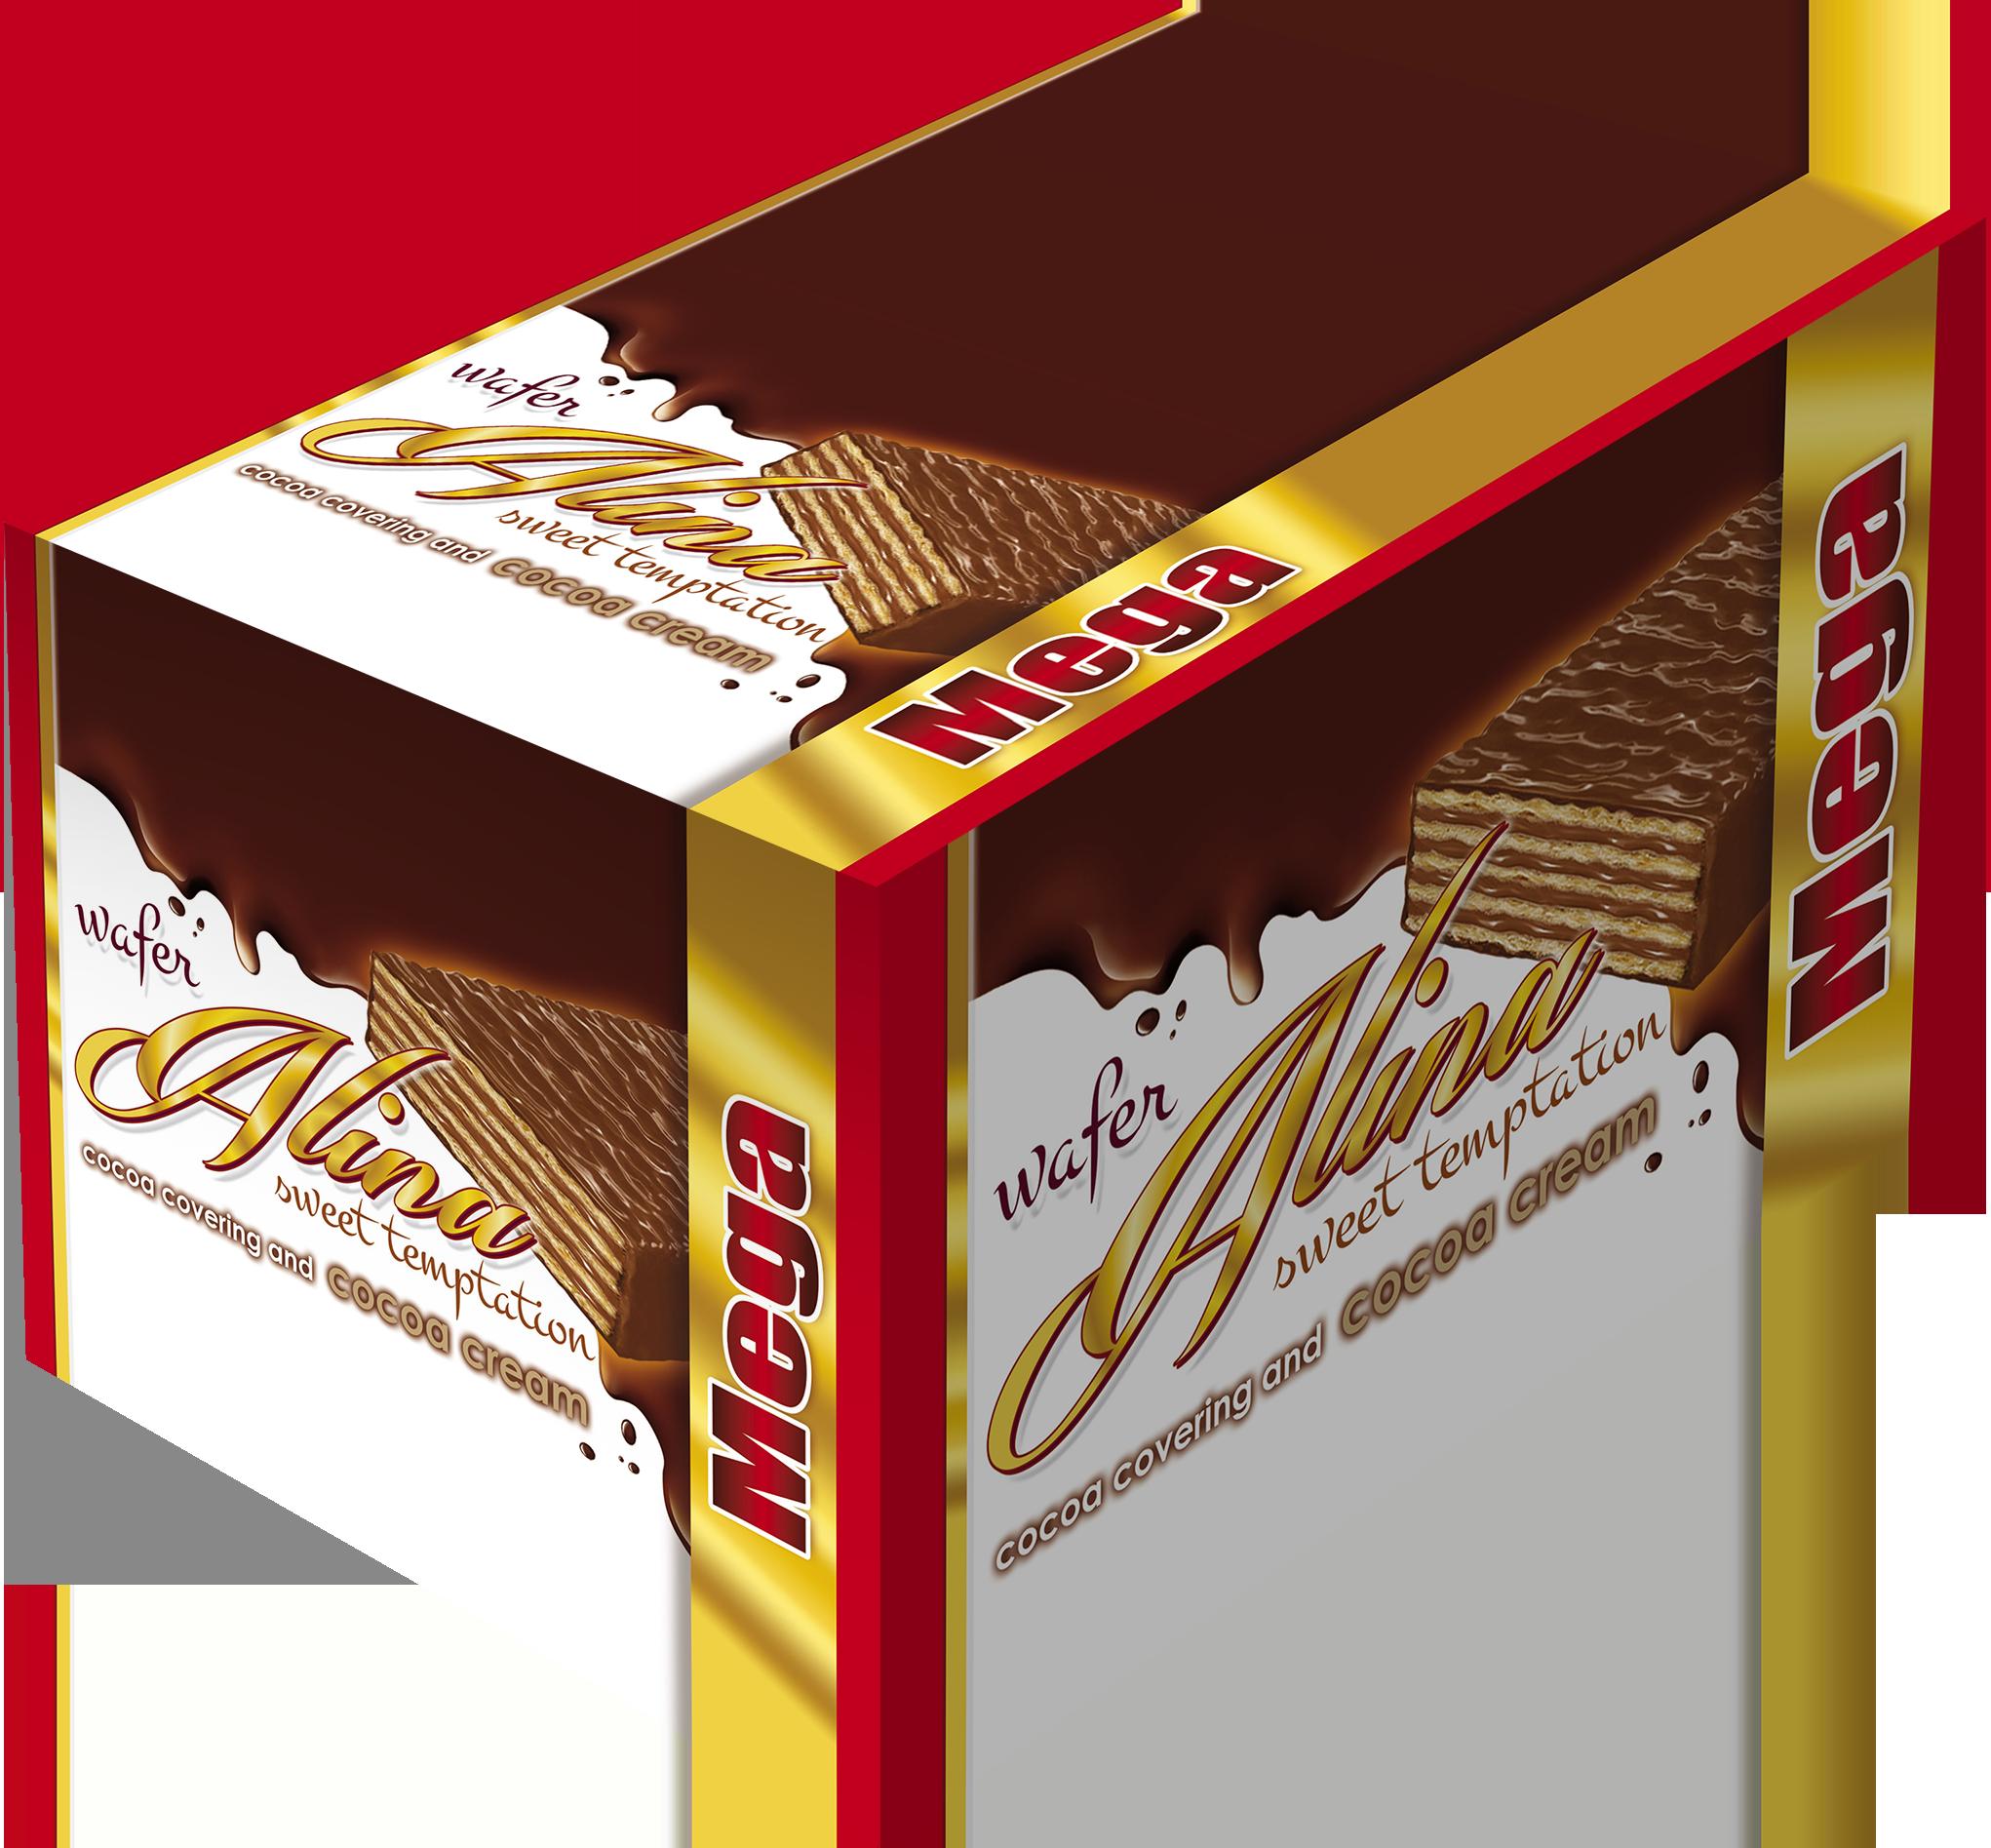 BOX Alina mega cocoa 60g